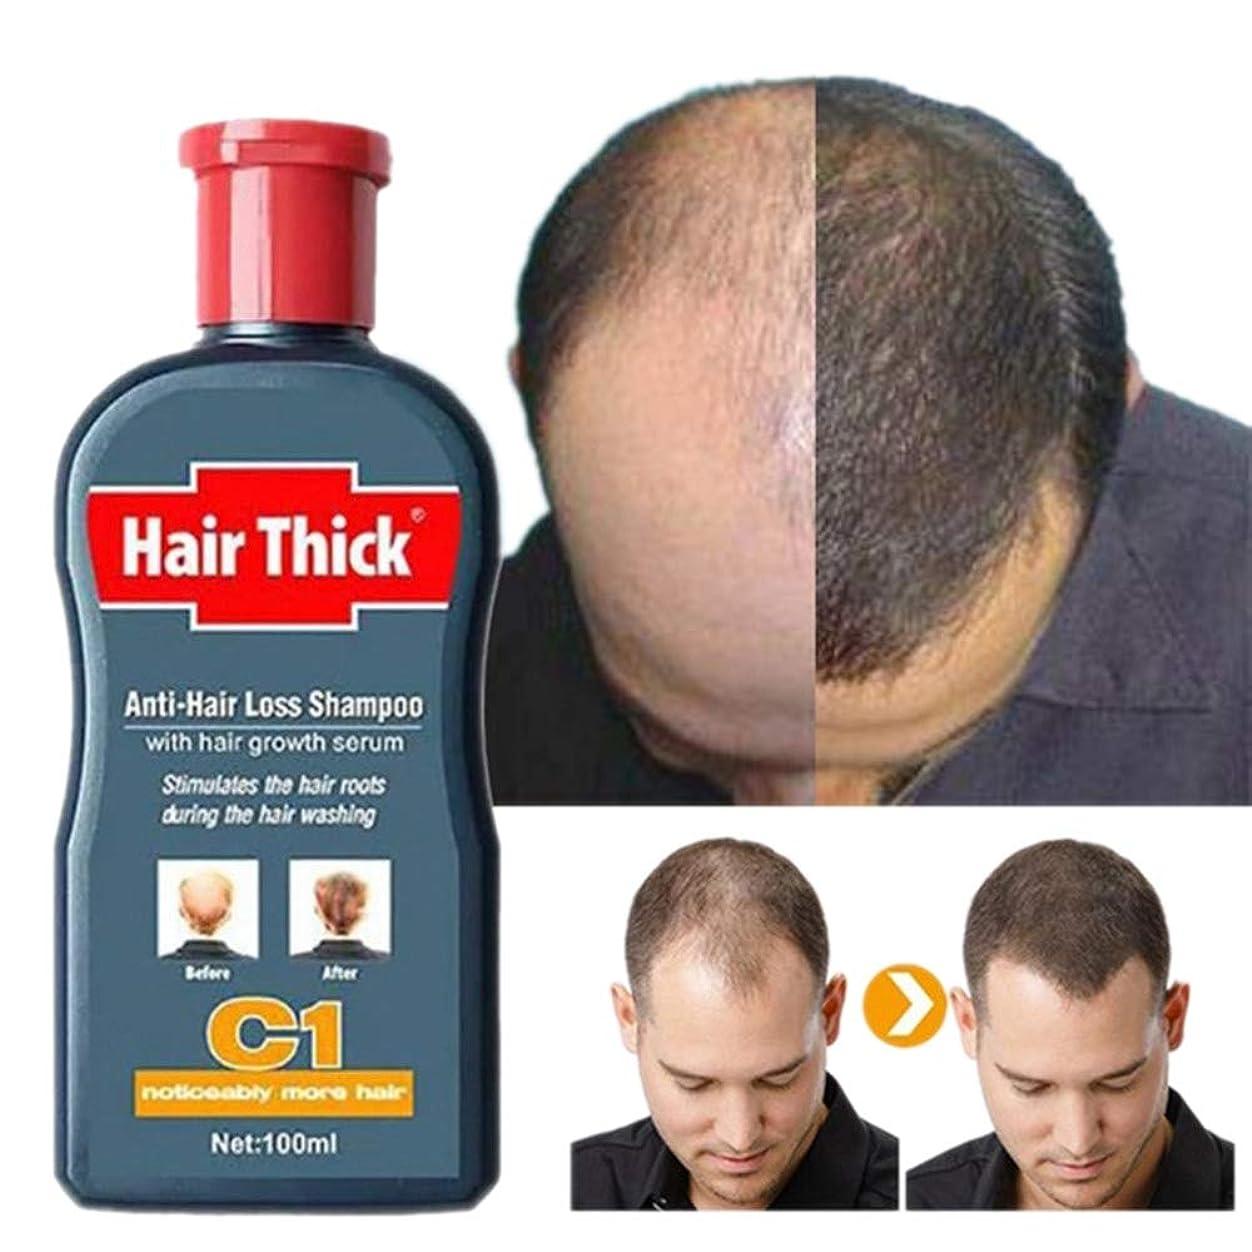 保育園ピジンどれ(最高の価格と品質)3ピースDexe 100ミリリットルC1抗抜け毛ハーブシャンプーユニセックスヘアトリートメント抗抜け毛で速い毛修復成長血清伝統的な漢方薬 ((Best Price and Quality) 3 Pieces Dexe 100Ml C1 Anti Hair Loss Herbal Shampoo Unisex Hair Treatment Anti-Hair Loss With Fast Hair Repair Growth Serum Traditional Chinese Medicine)